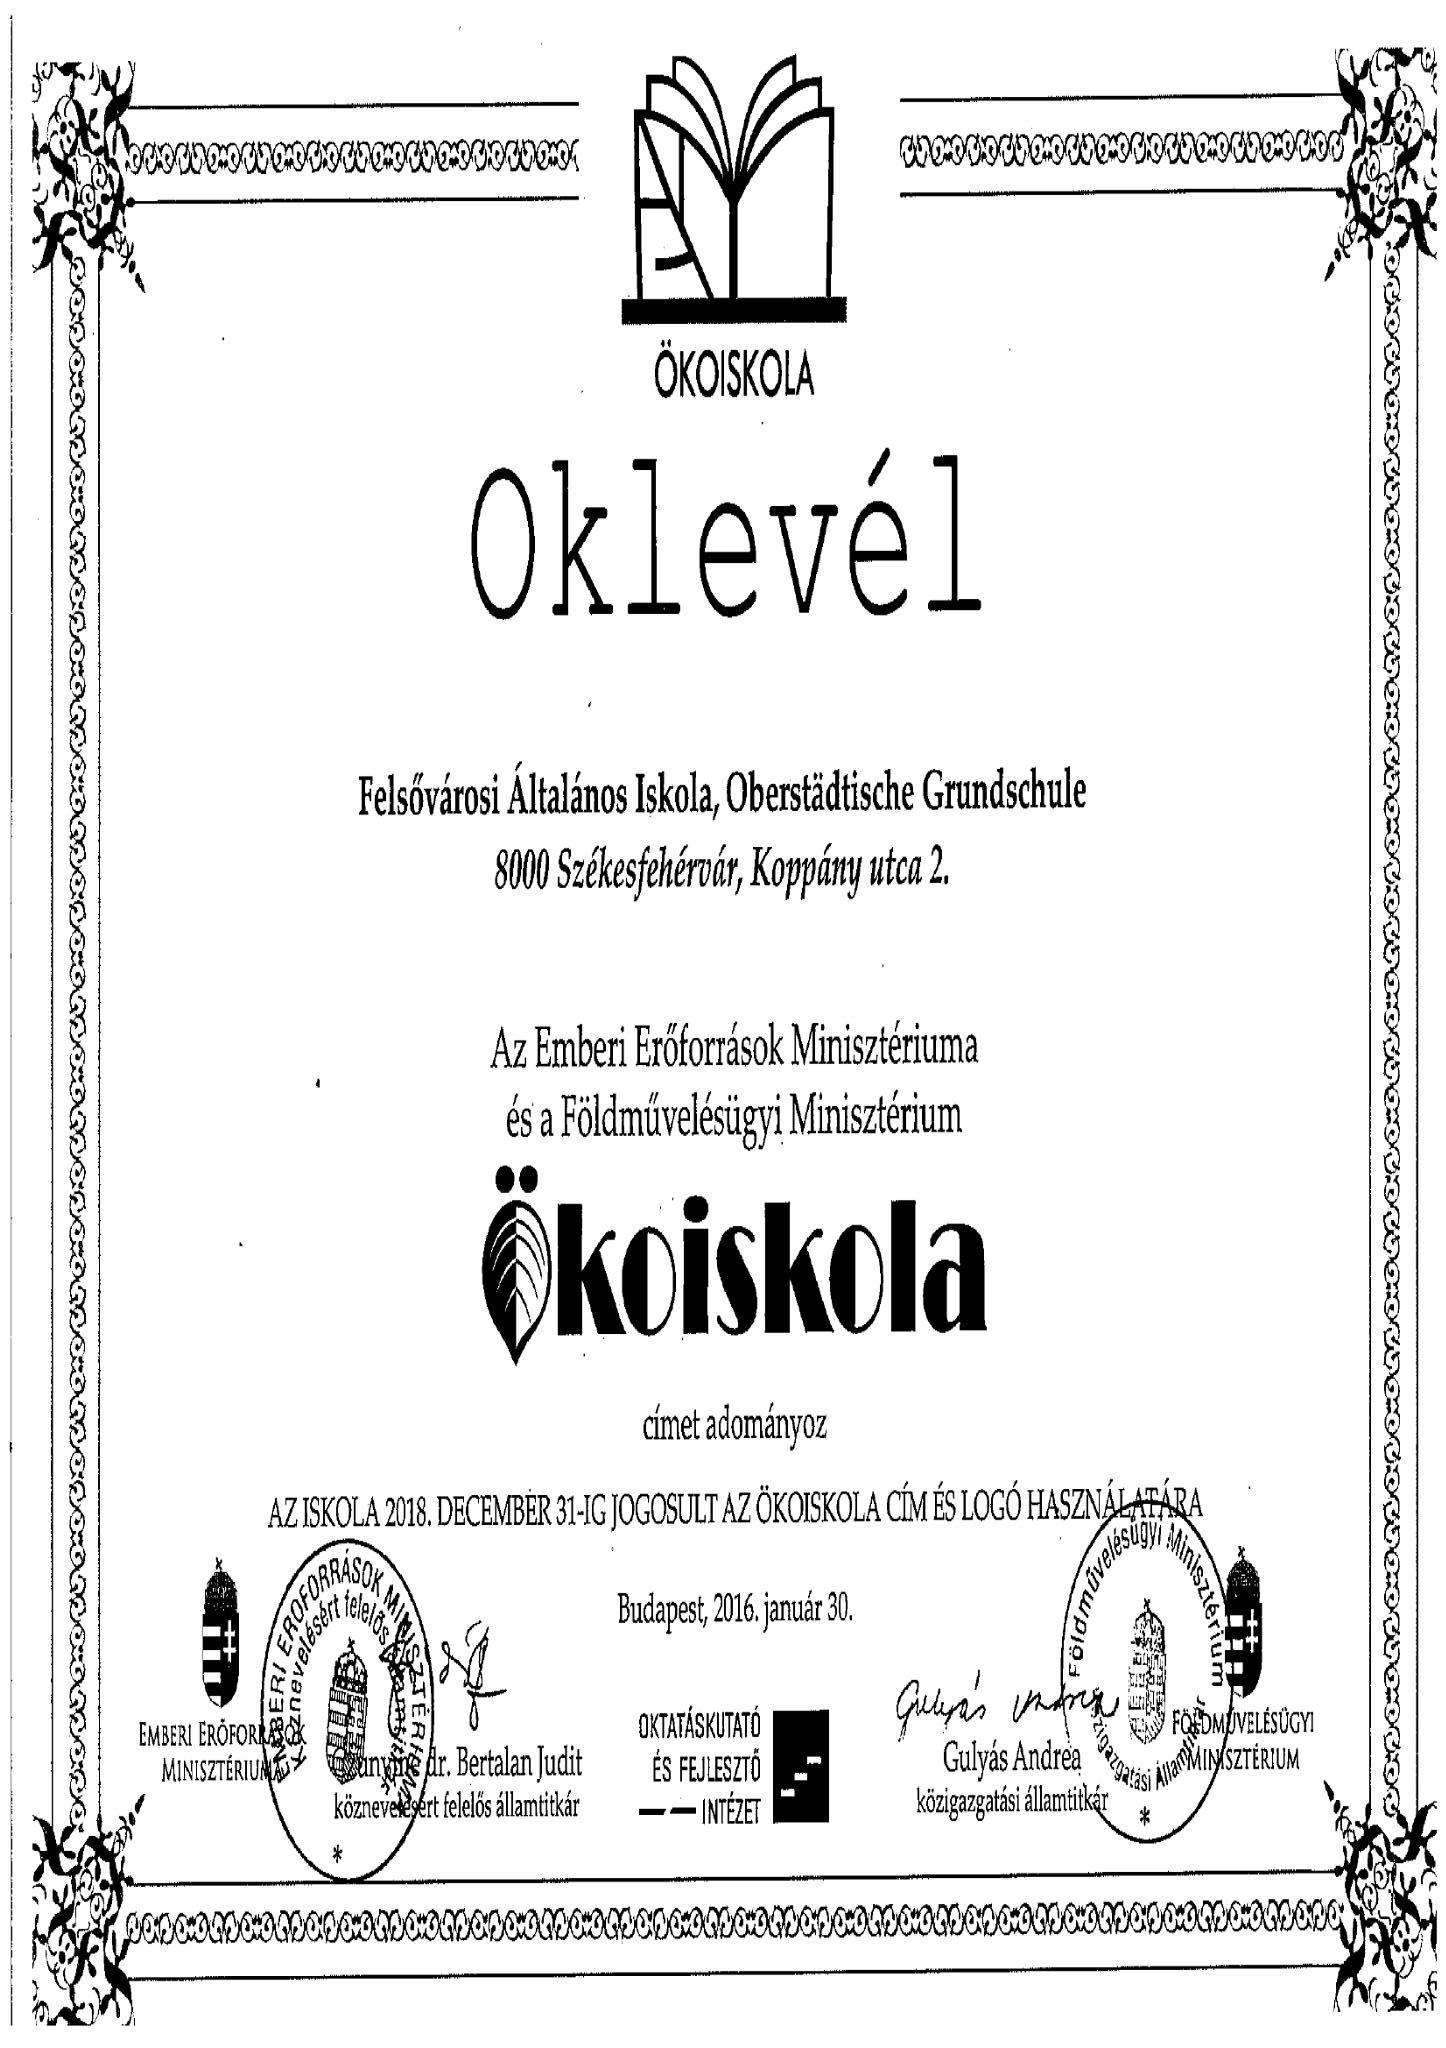 oklevél-ökoiskola